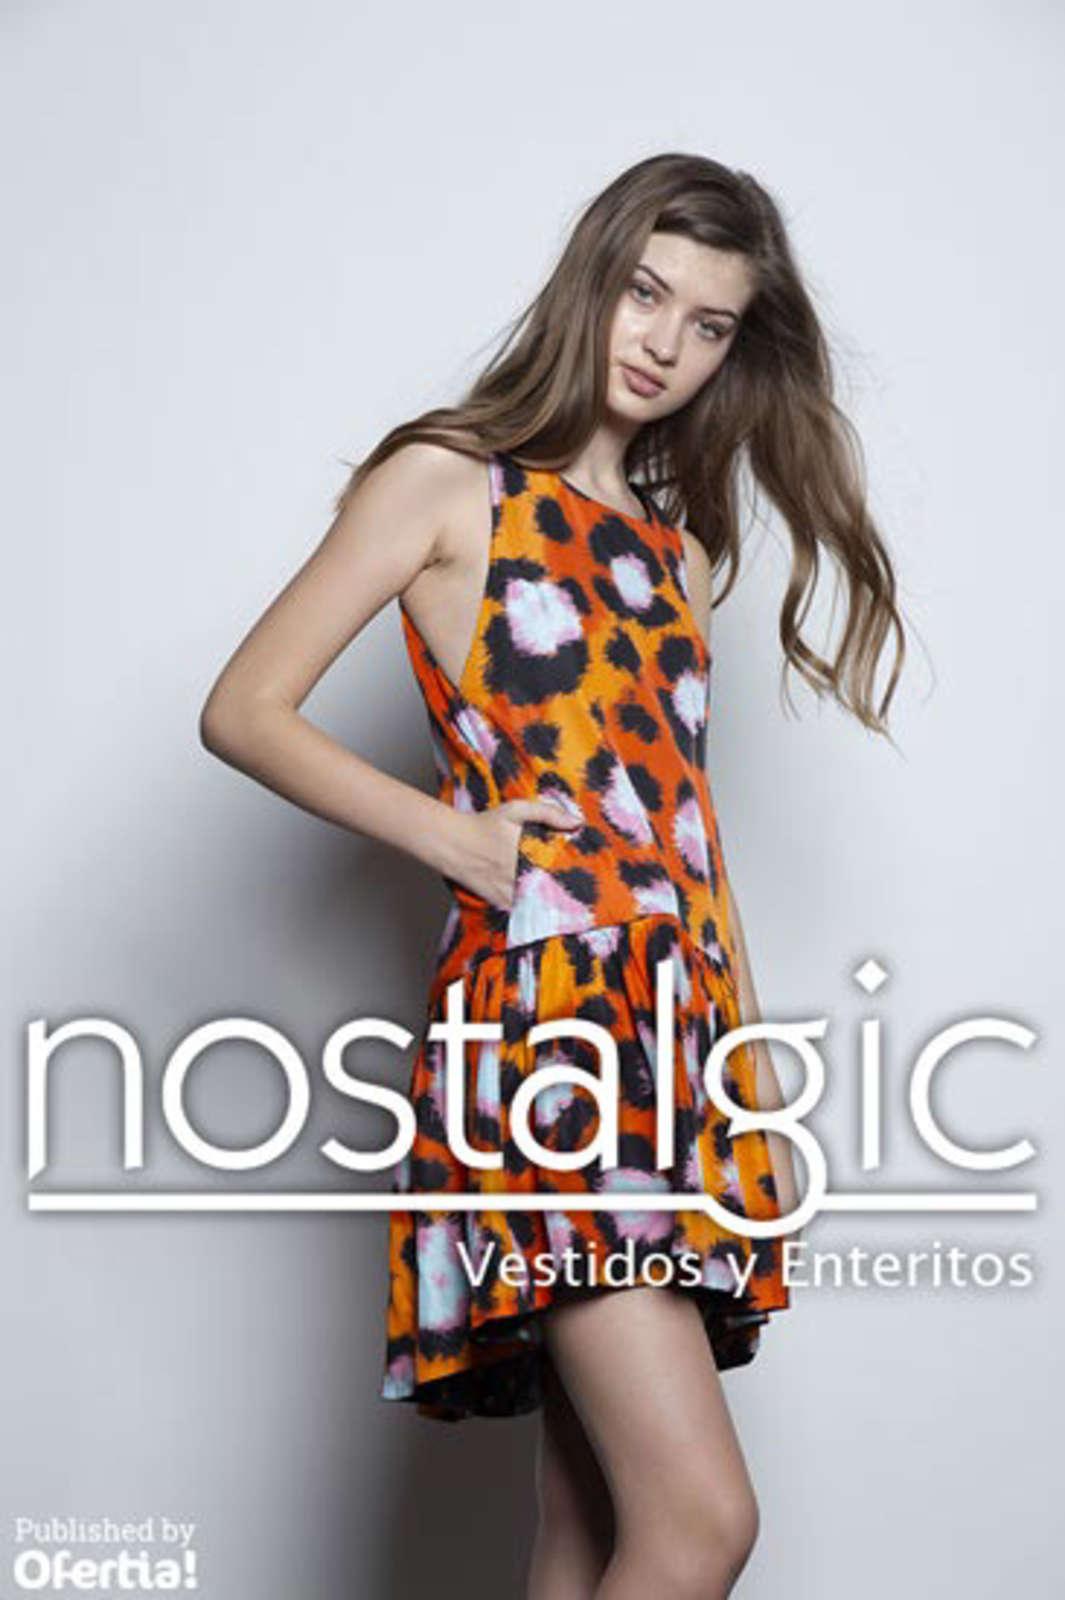 9c459ac6c Comprar Vestidos de fiesta en Santiago - Ofertas y tiendas - Ofertia